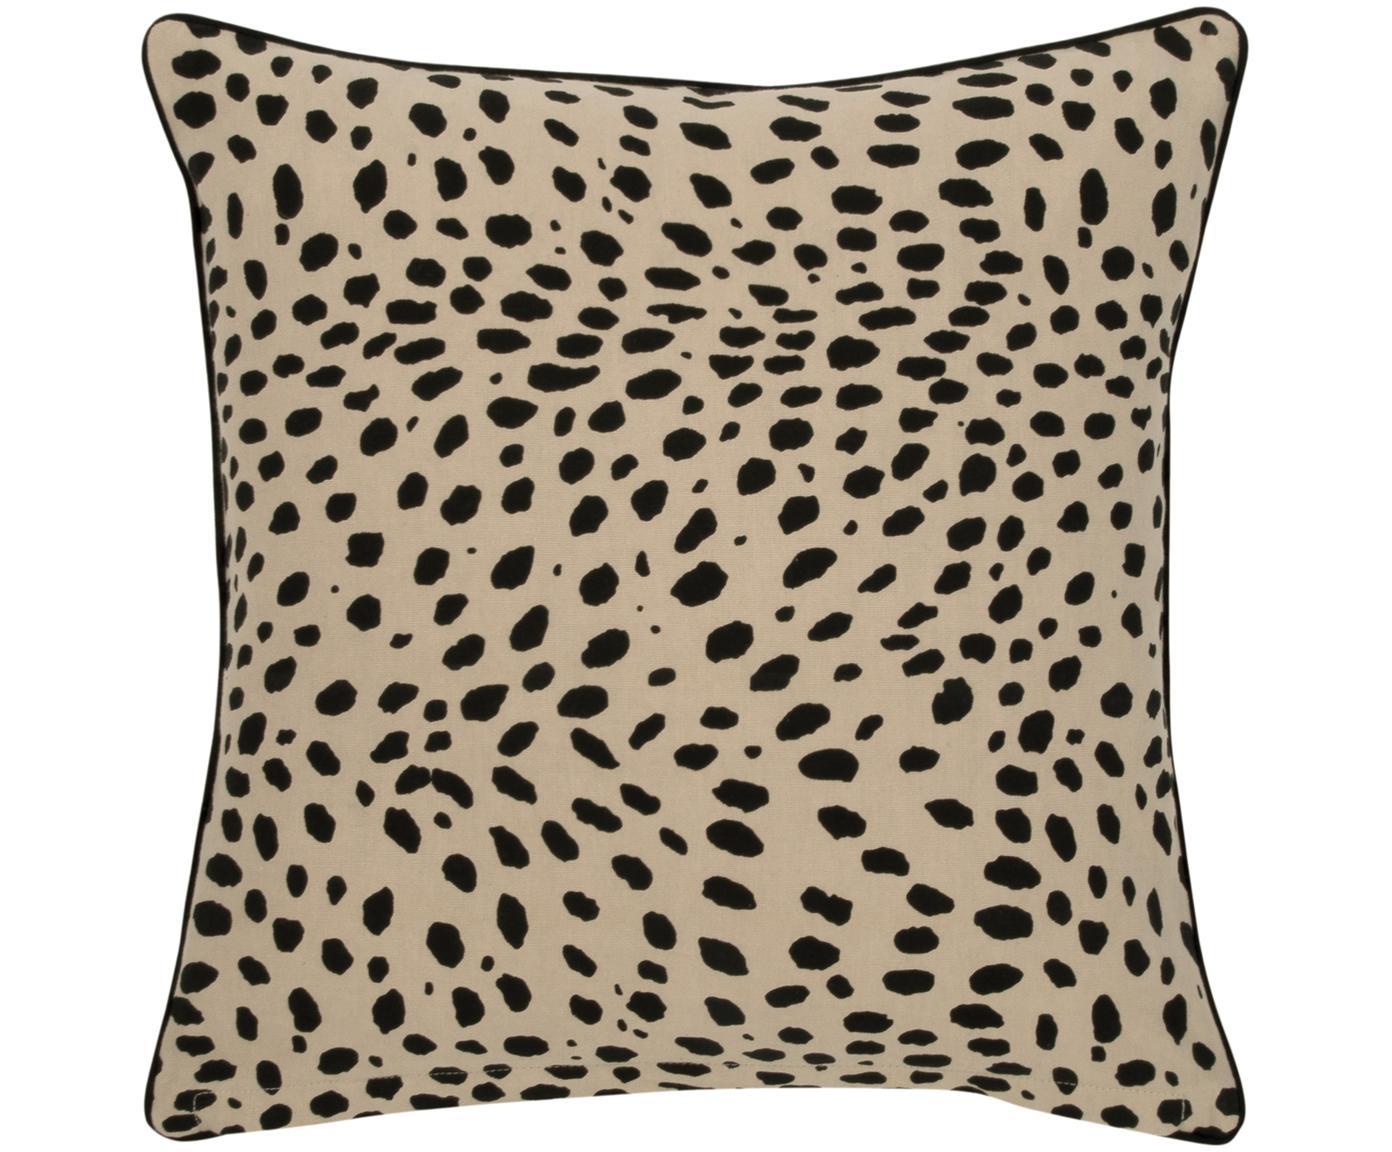 Federa arredo con motivo leopardato Leopard, Cotone, Beige, nero, Larg. 45 x Lung. 45 cm